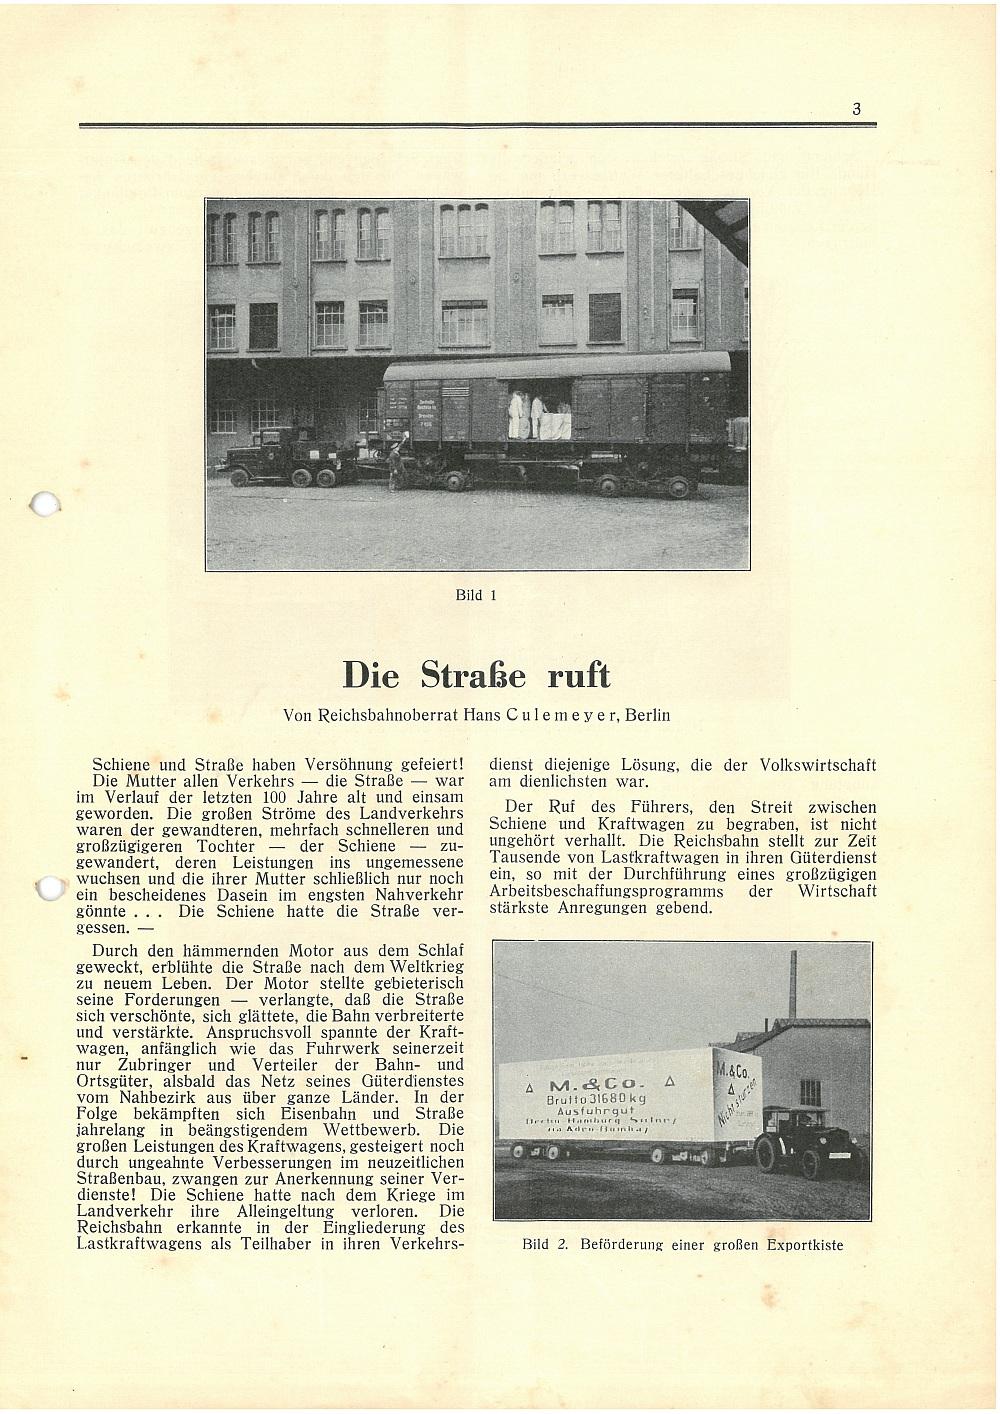 1934 - Die Straße ruft - Seite 3